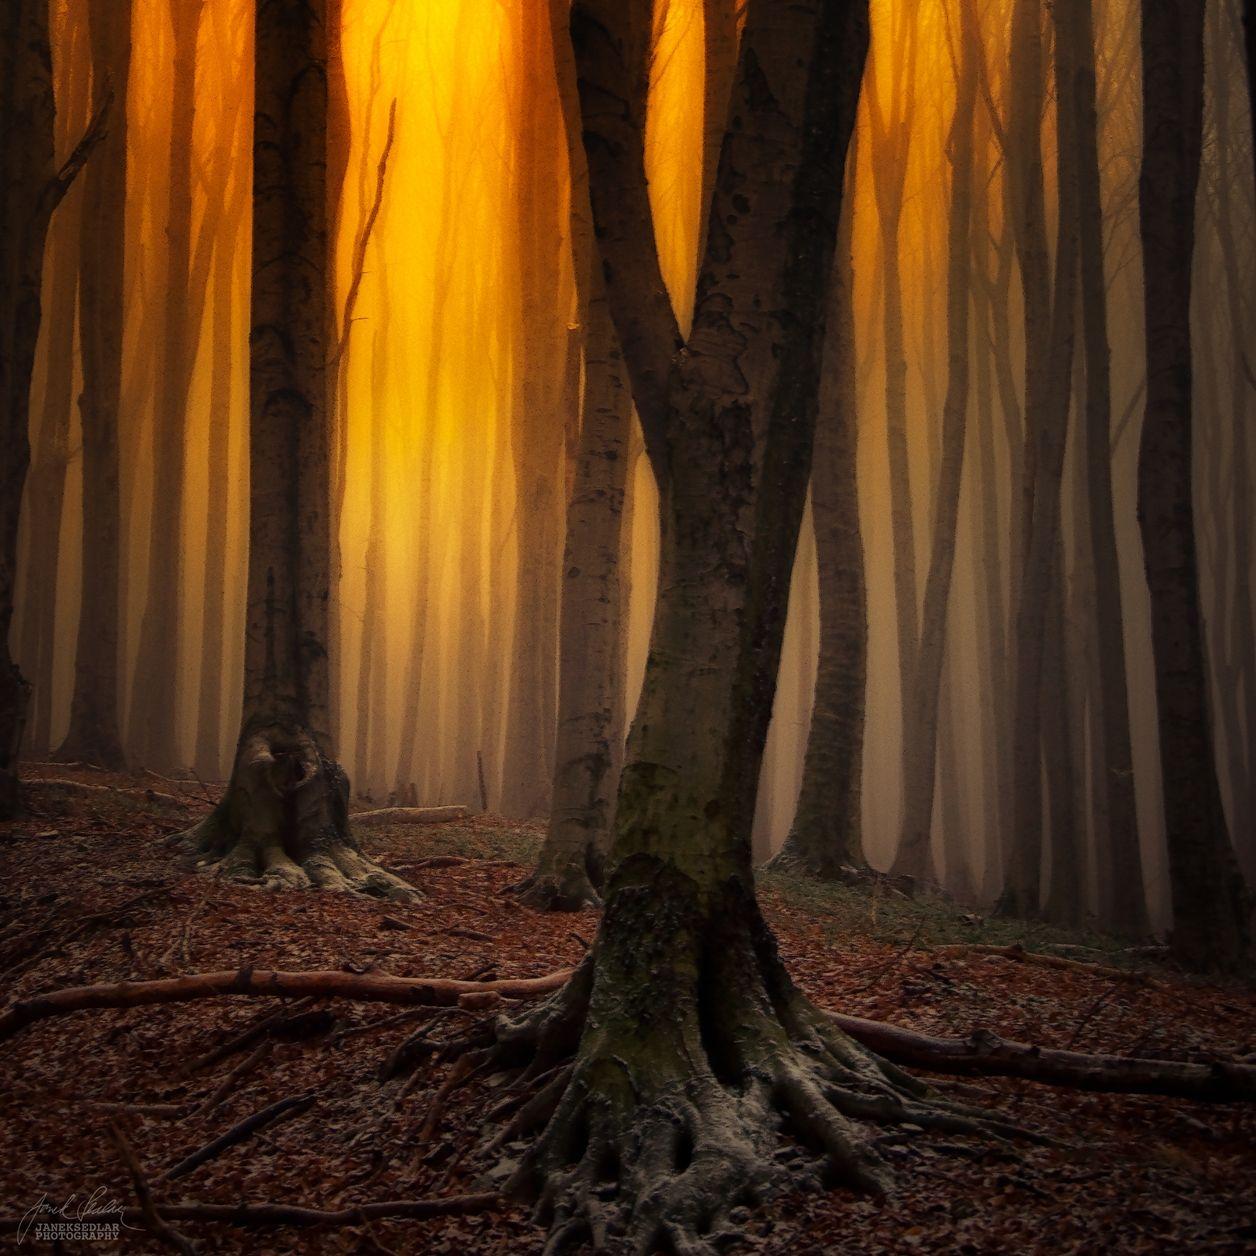 такого картинки таинственного леса нем